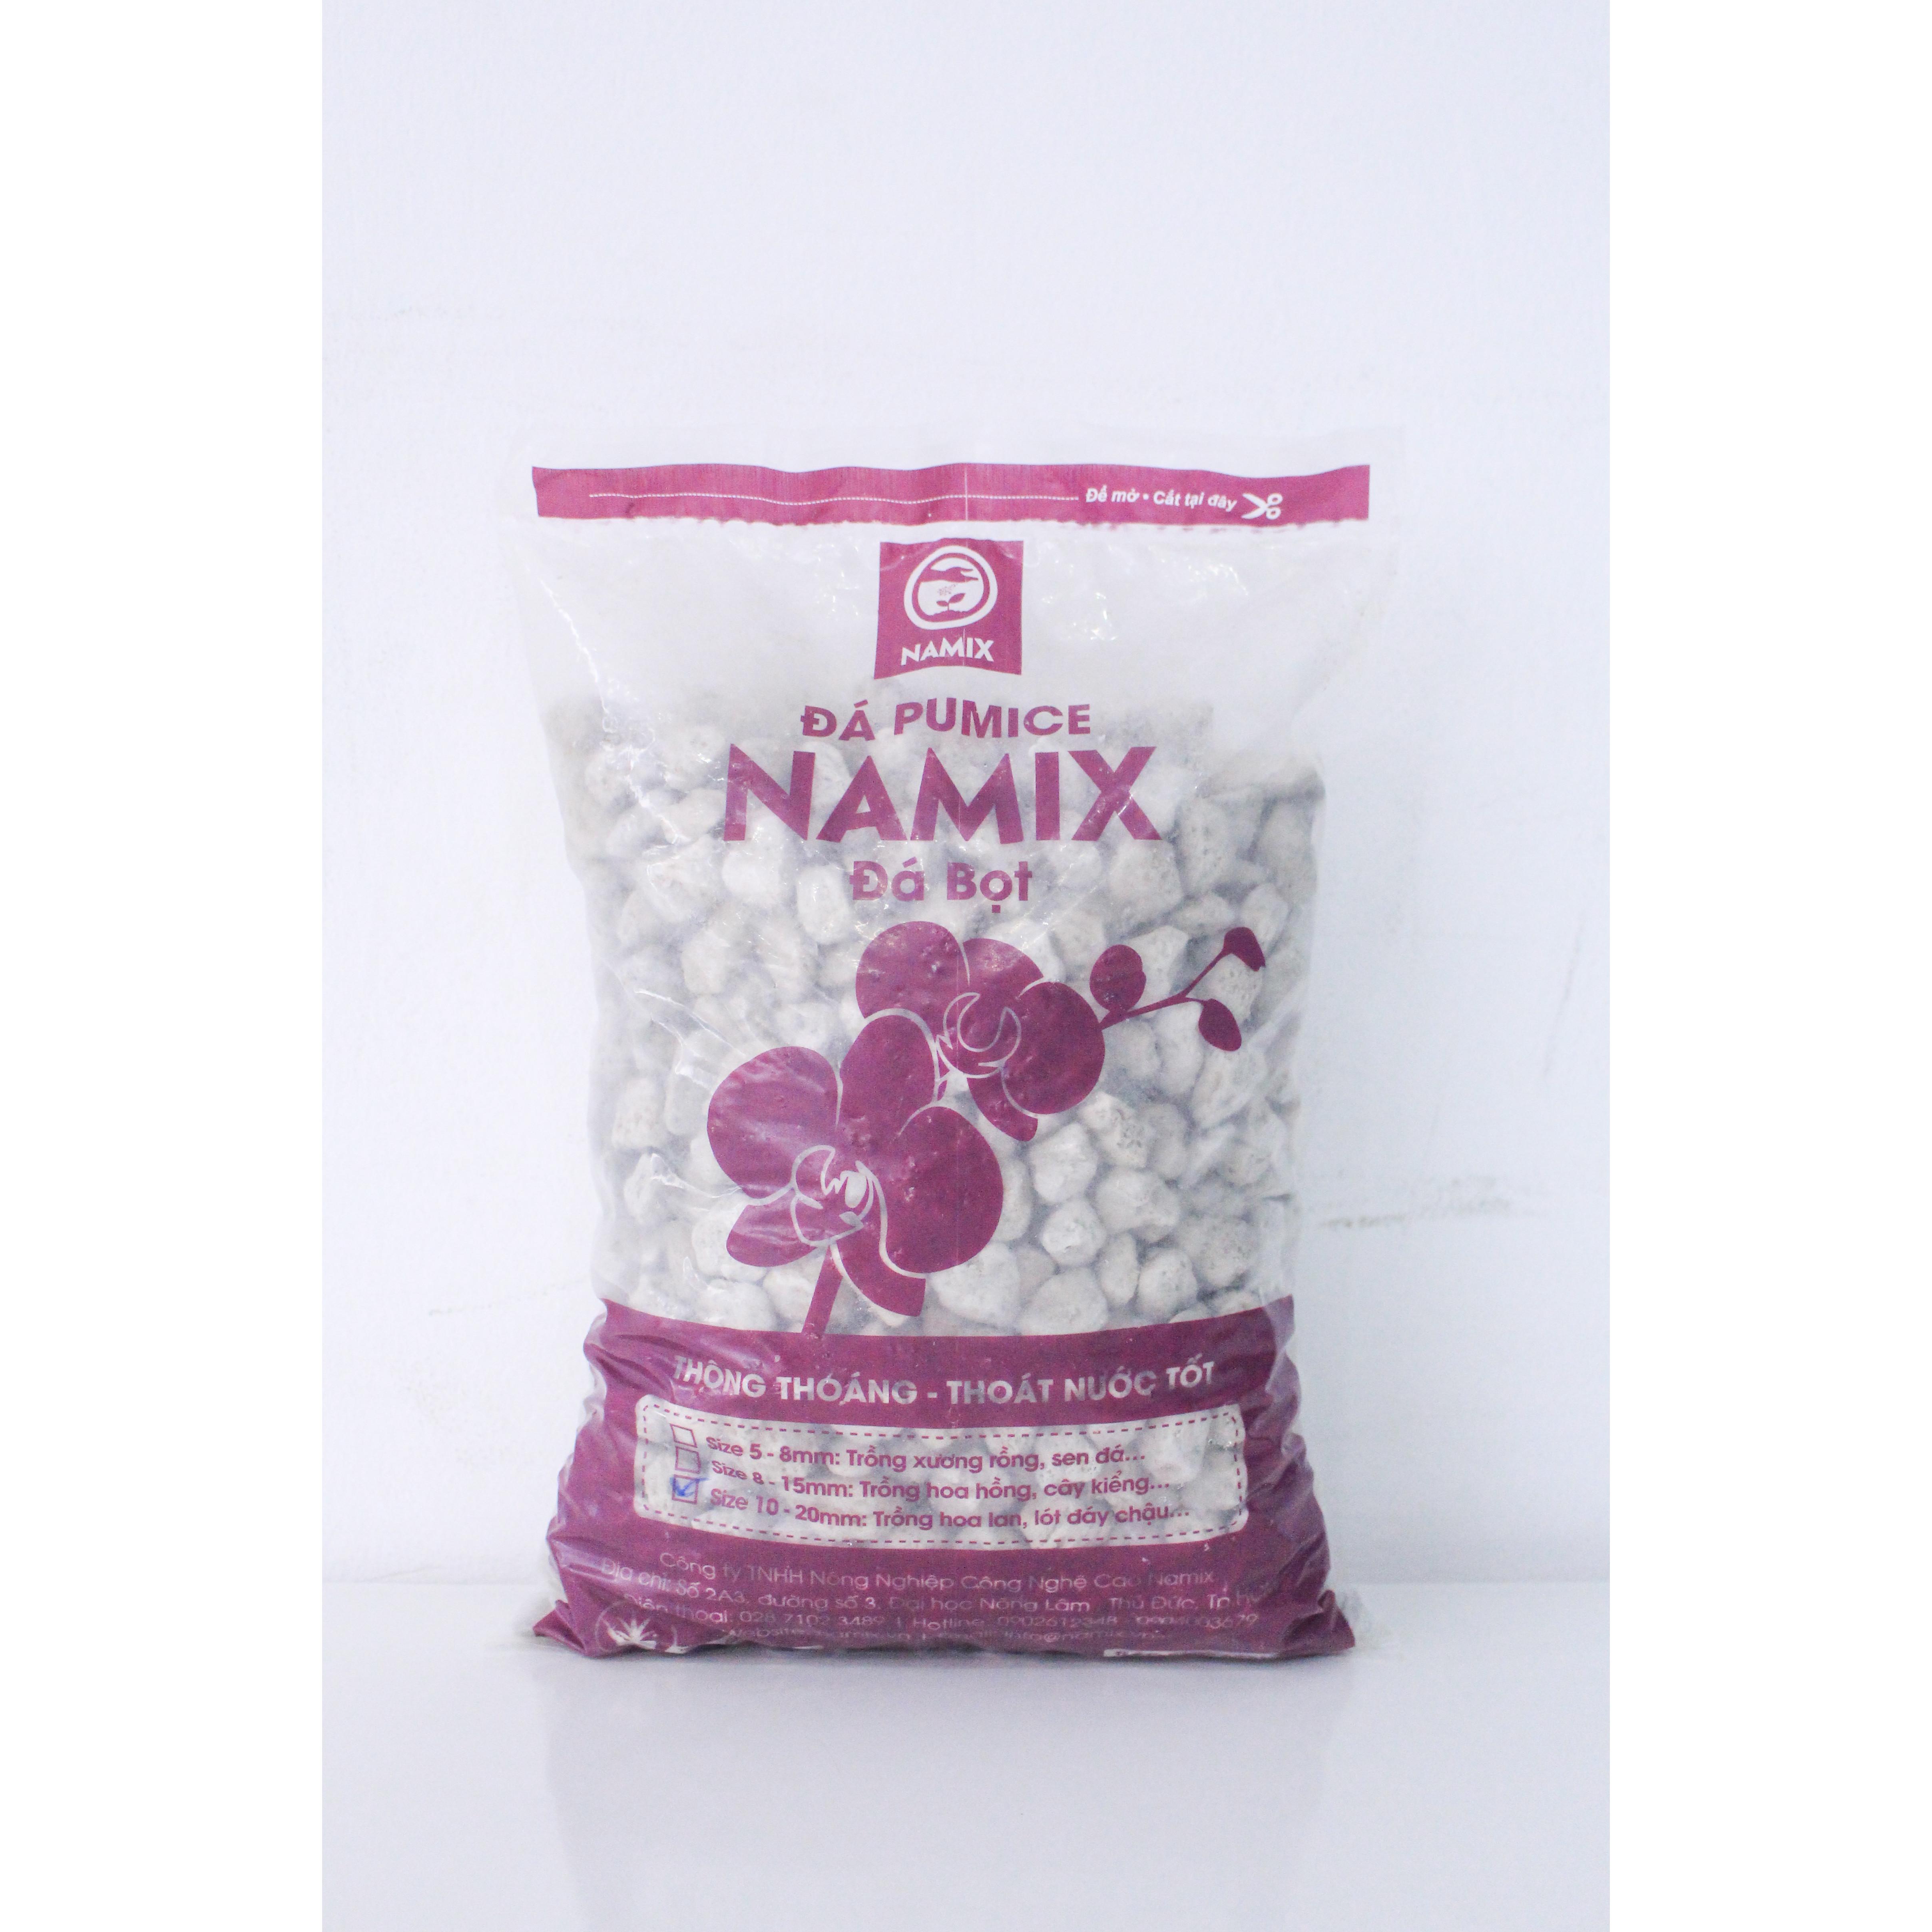 Đá pumice đá bọt Namix Size 10-20mm - Trồng hoa lan, lót đáy chậu - gói 5 Lít 2,5-3kg